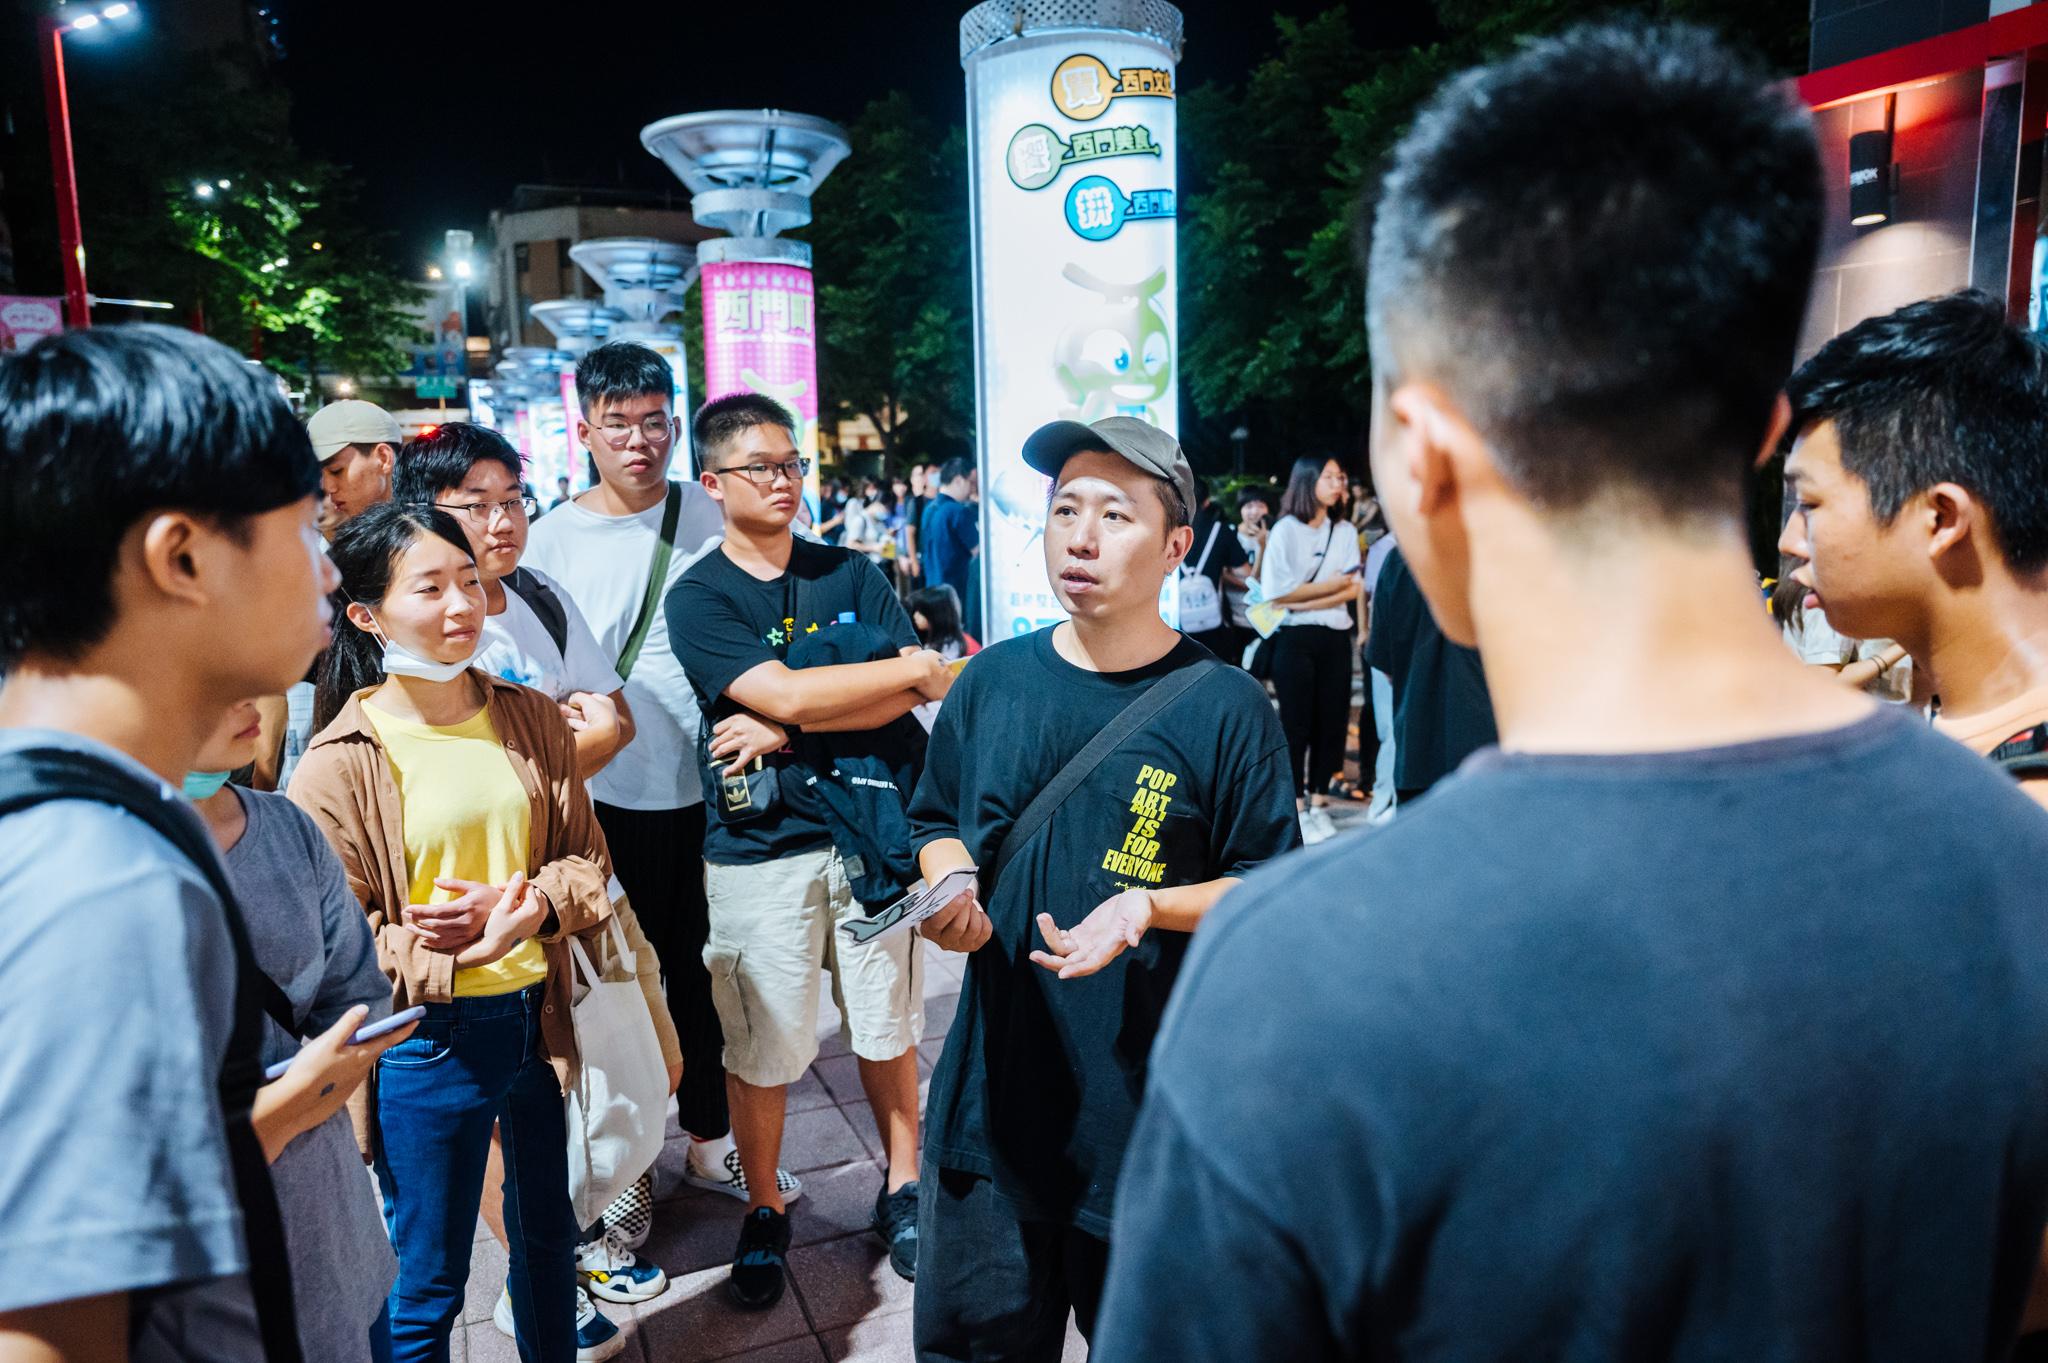 《怪胎》人氣爆棚 導演廖明毅路邊開講 吸引人群圍觀